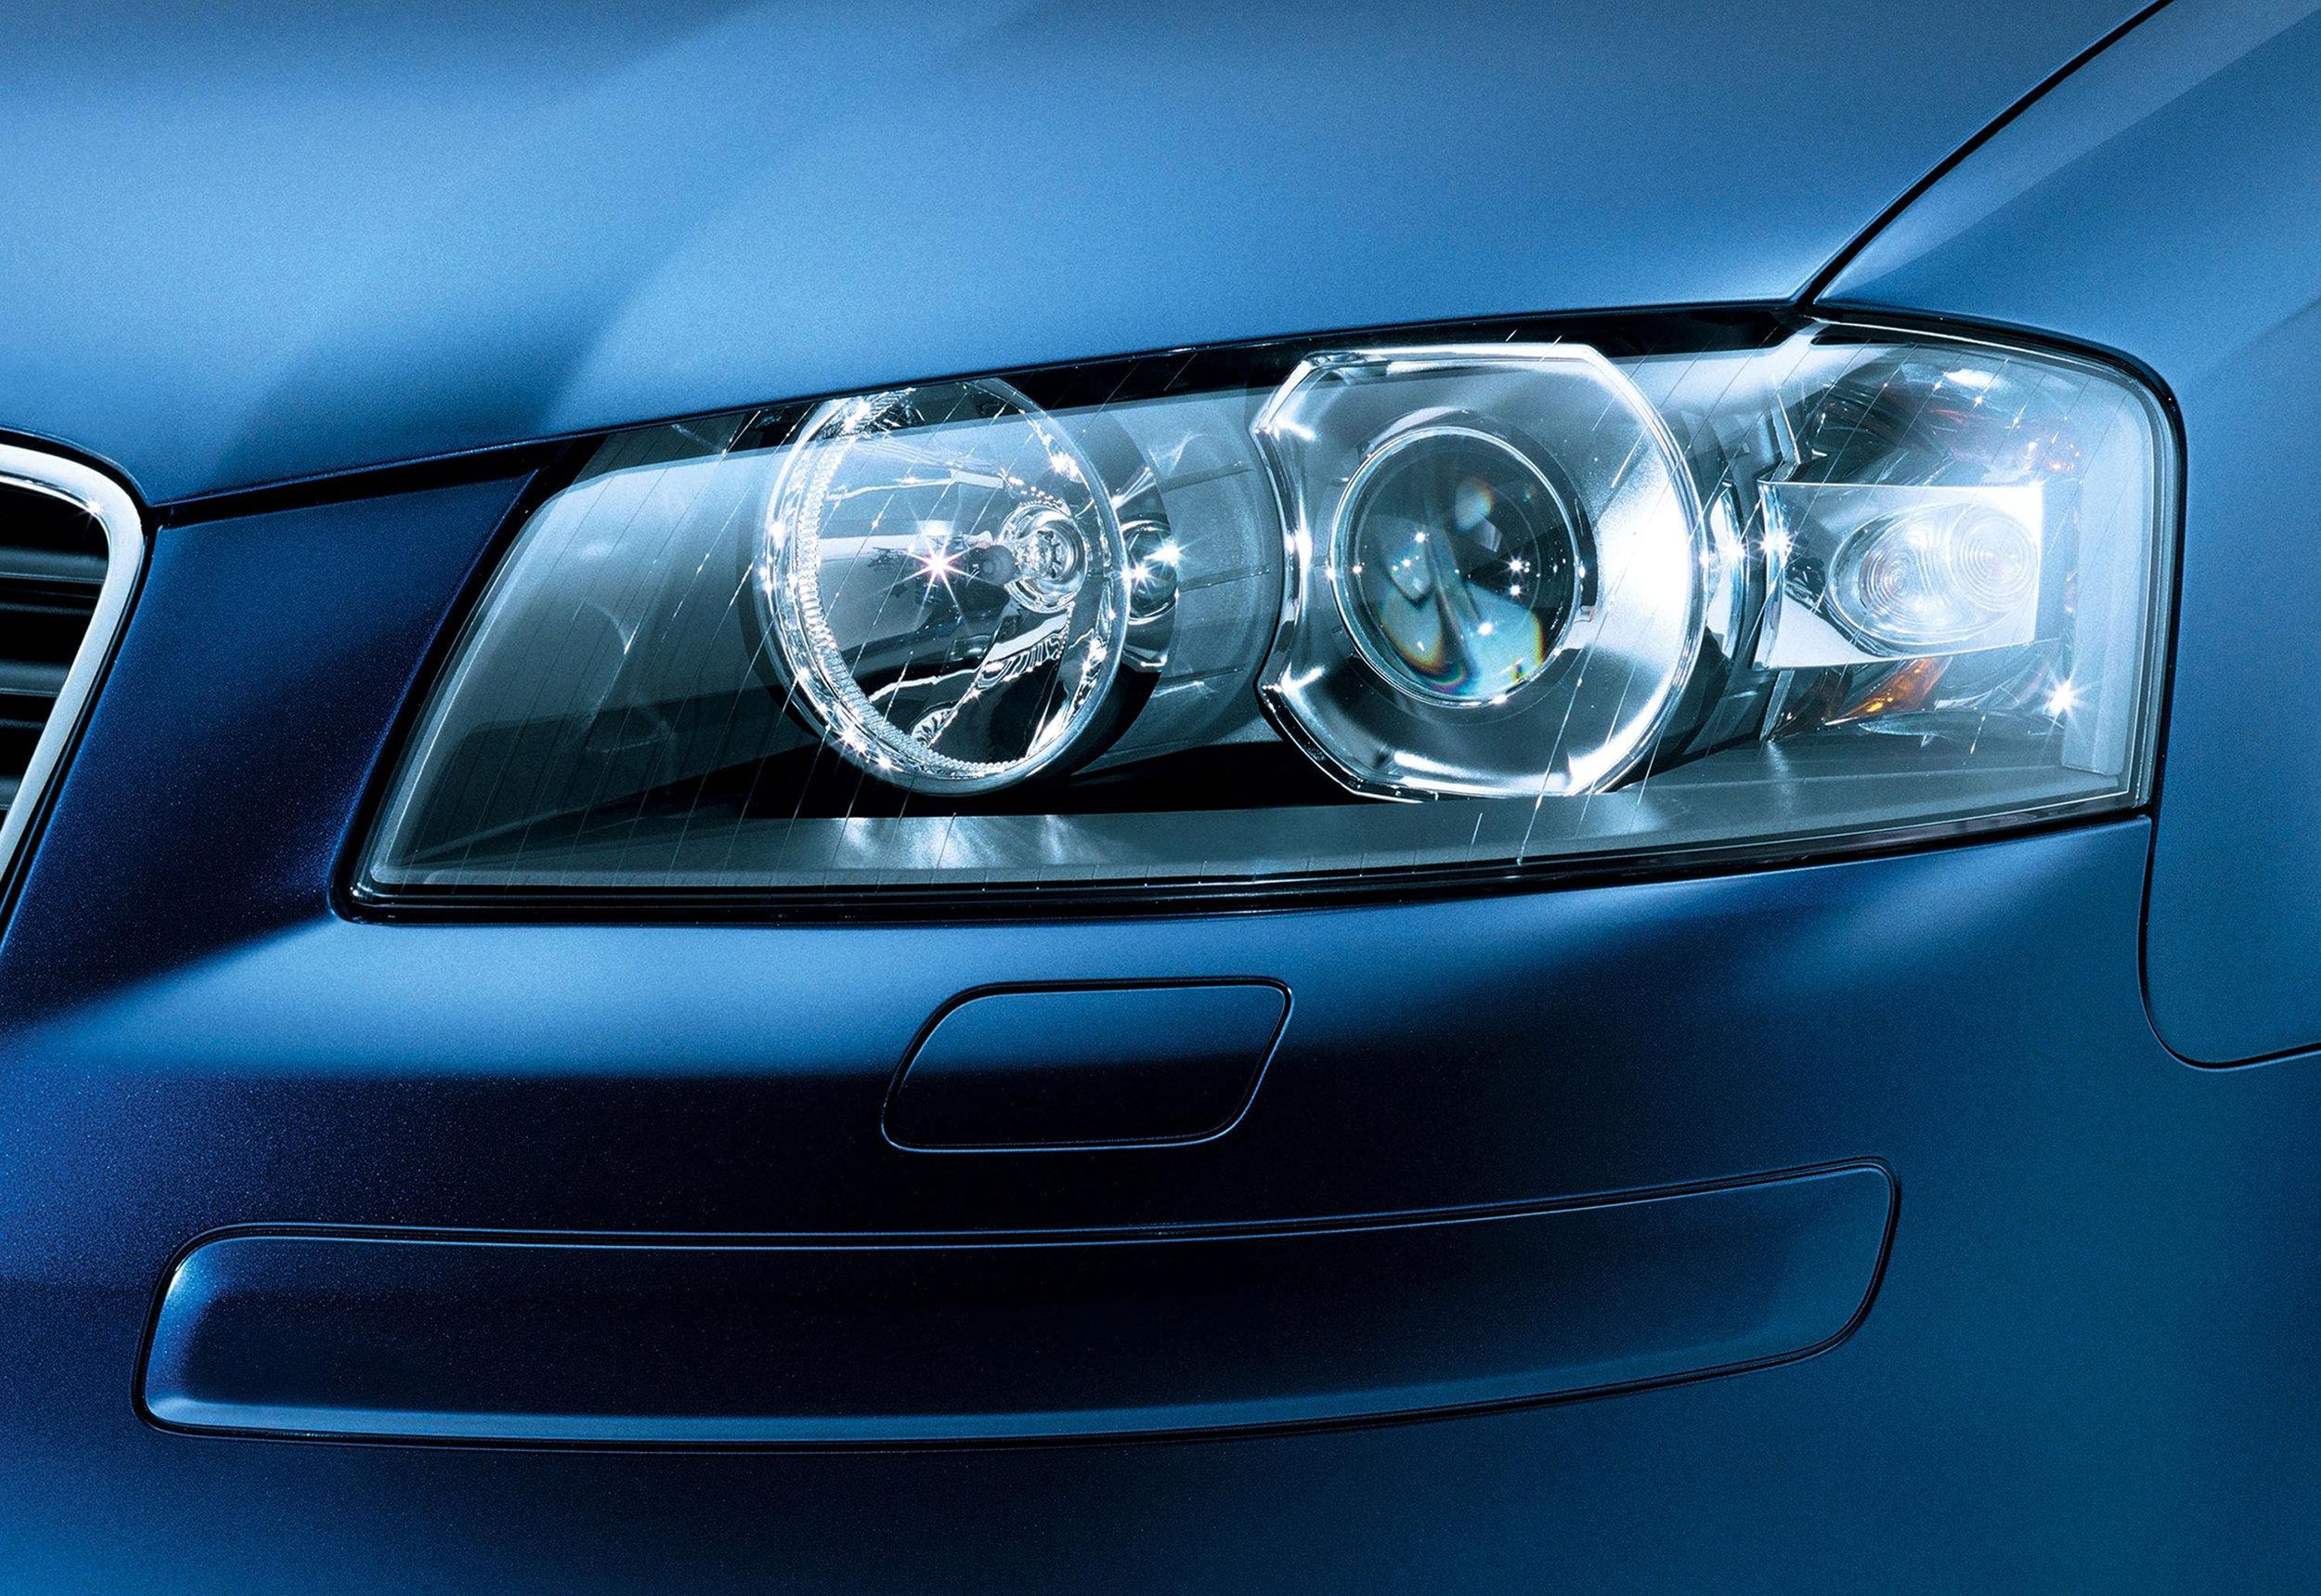 Audi A3 Mk2-14.jpg